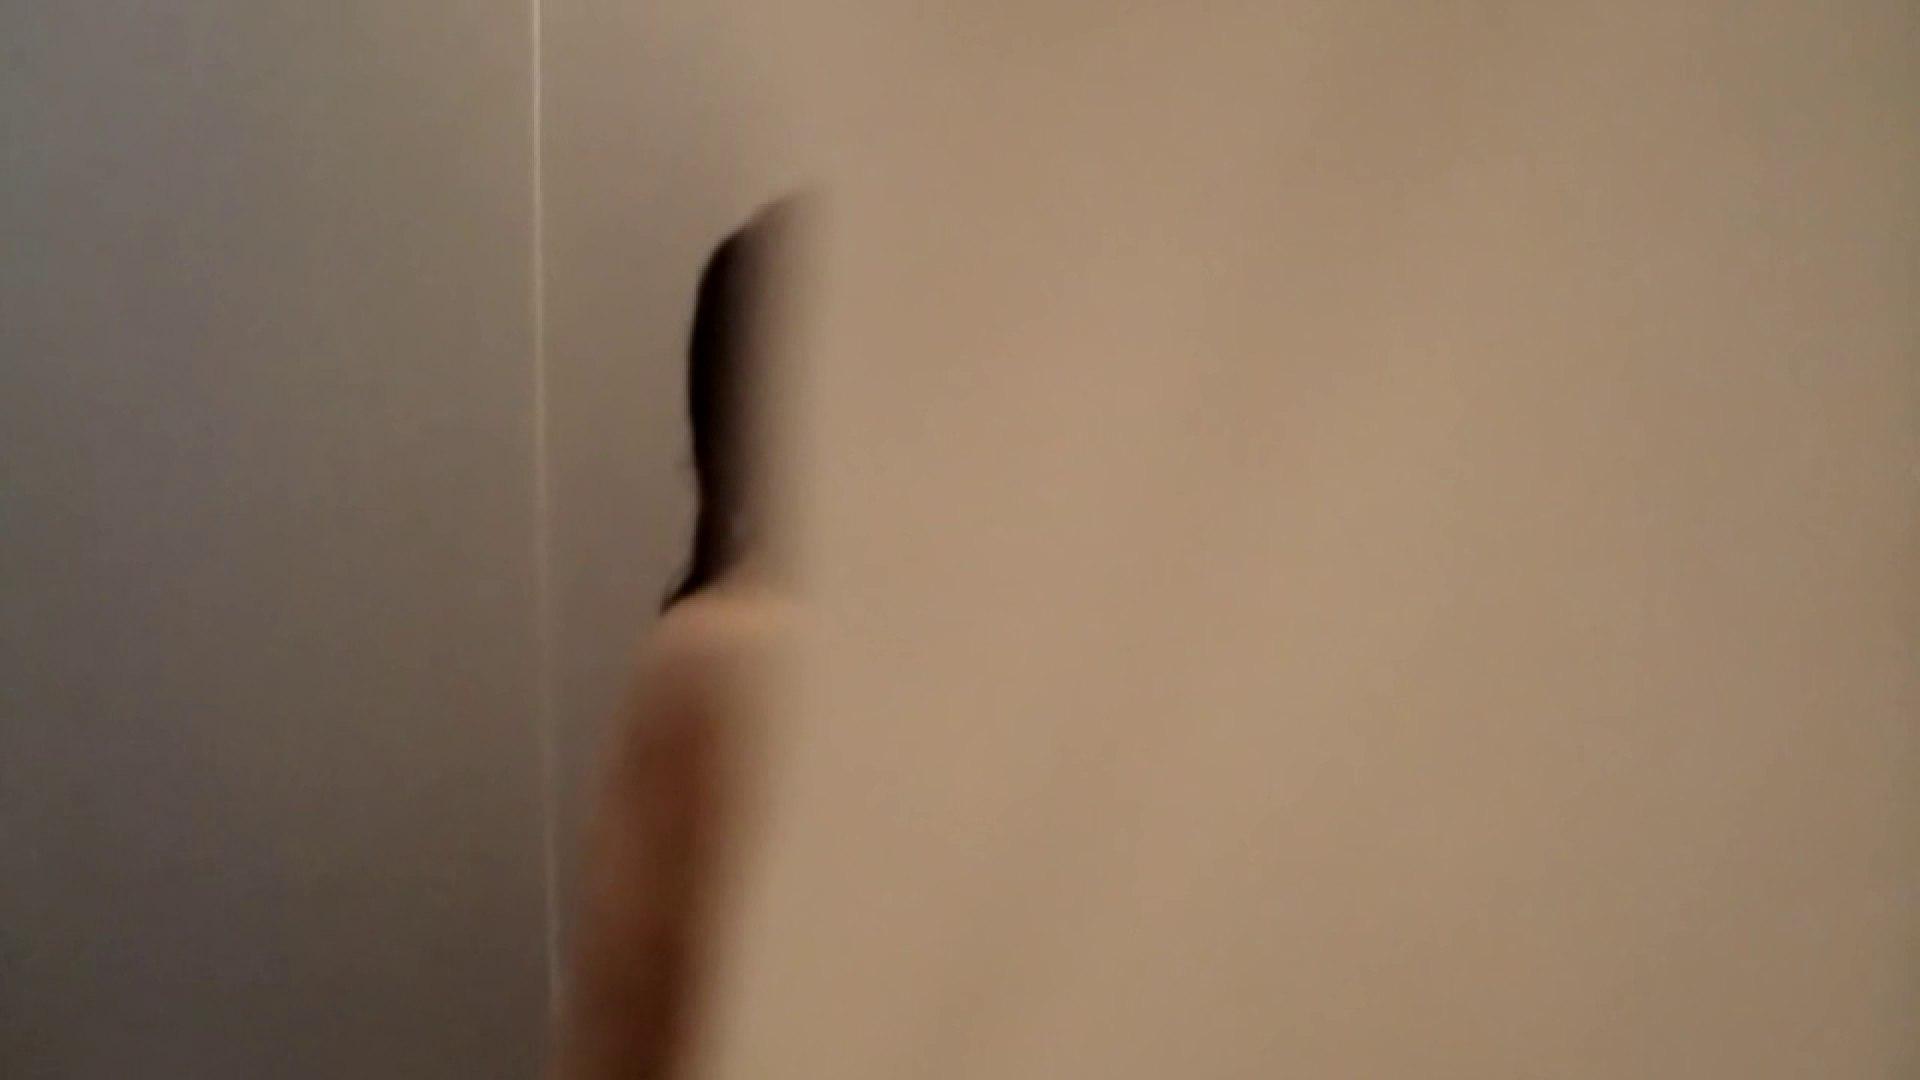 vol.2 葵のグラドル顔負けの爆乳を入浴シーンでどうぞ。 巨乳 | OLのボディ  64PIX 9